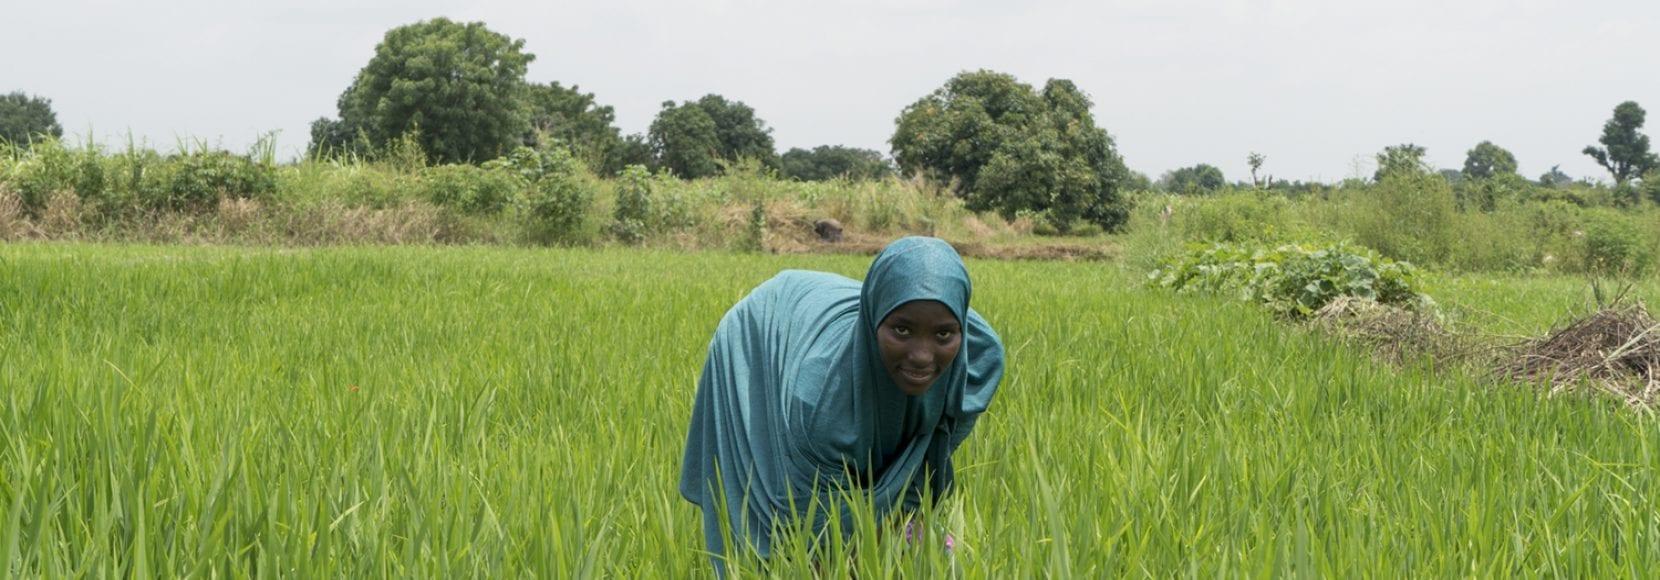 Woman in Nigeria